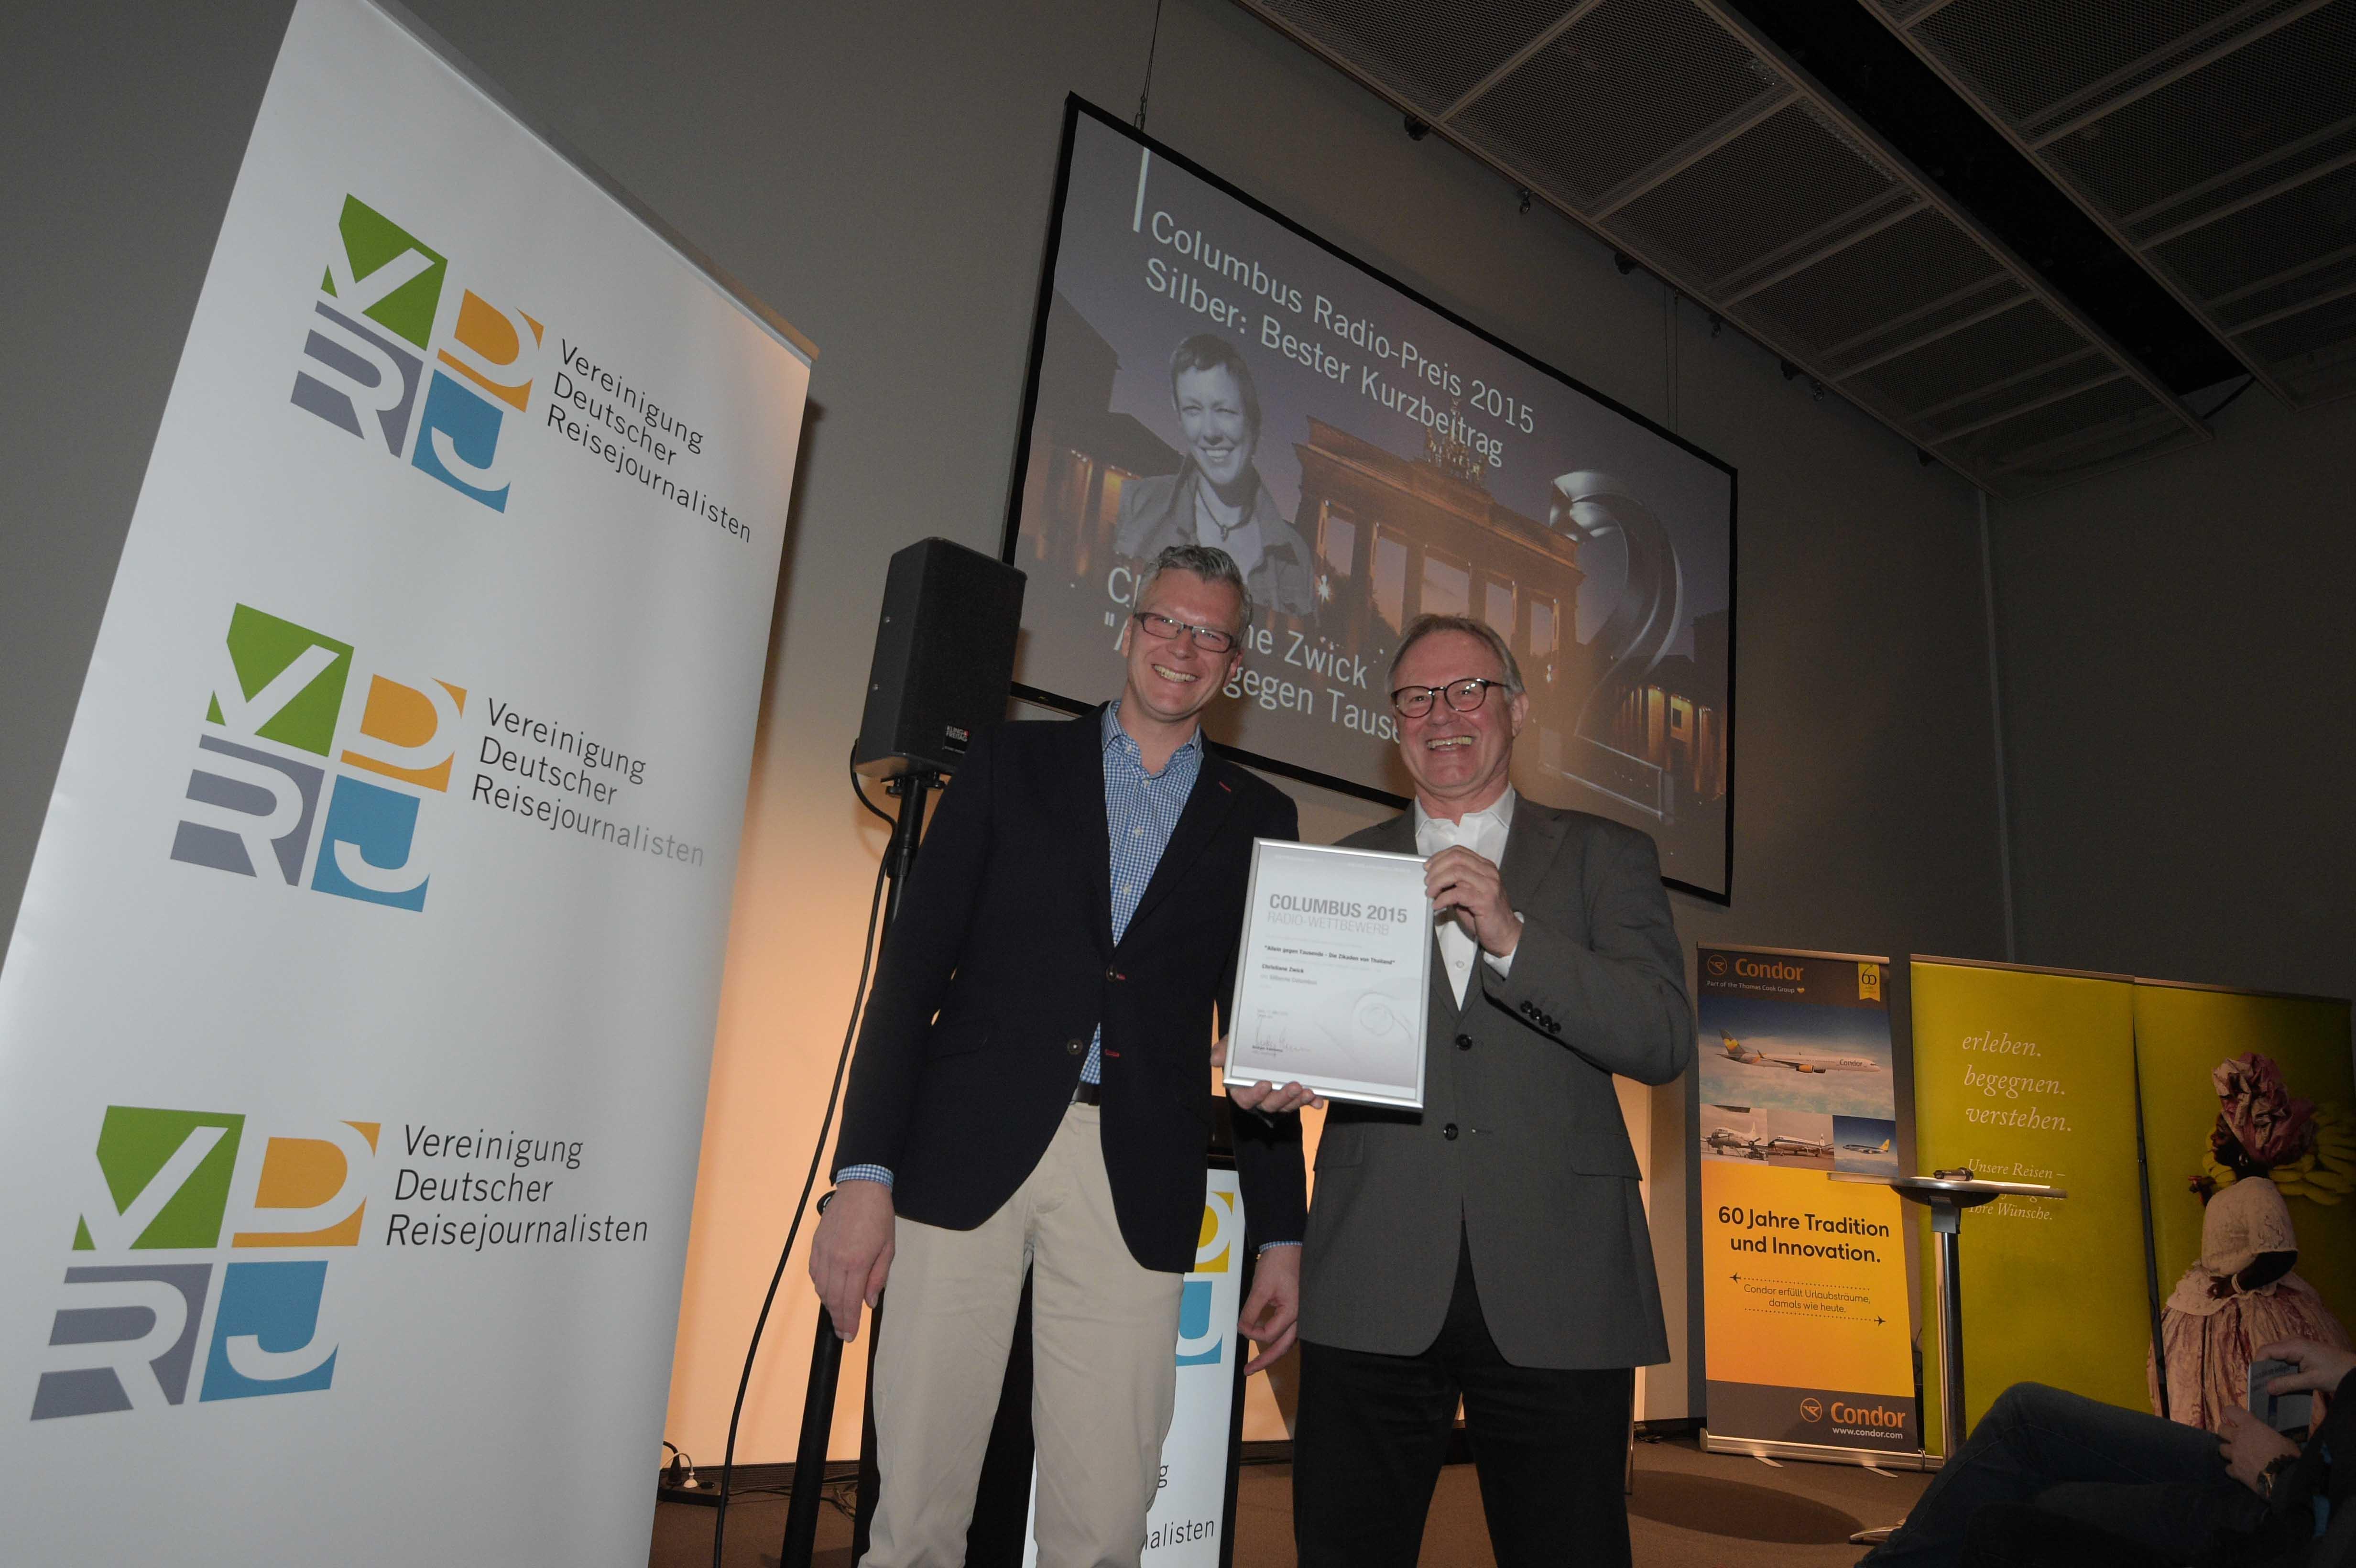 Columbus Radiopreis 2015 Silber Wolfgang Heinemann Holger Wetzel